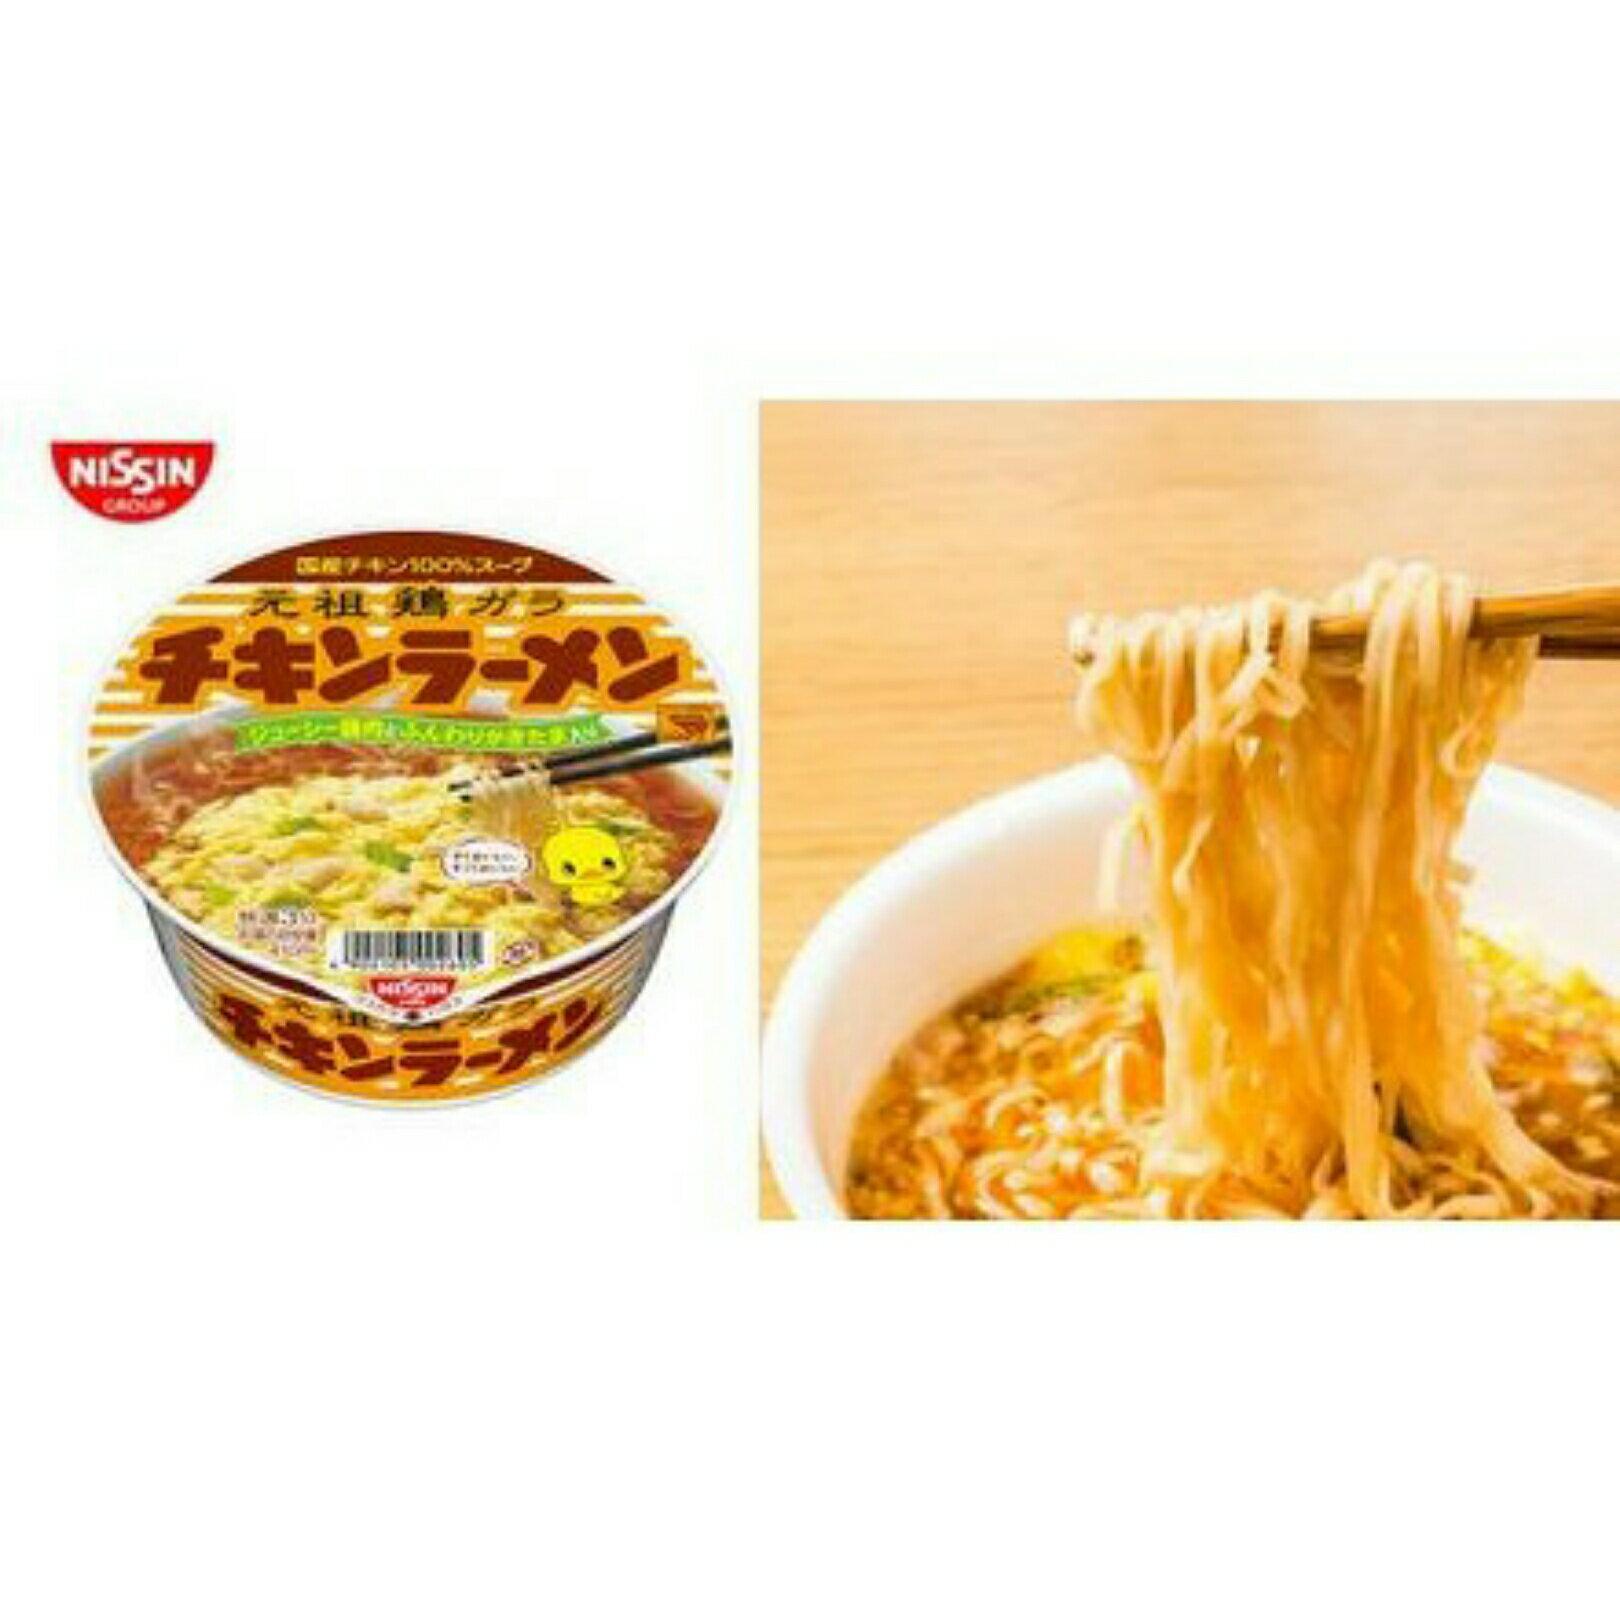 有樂町進口食品 日本旅遊必敗 暢銷經典NO.1 日清元祖雞碗麵 4902105002605 1